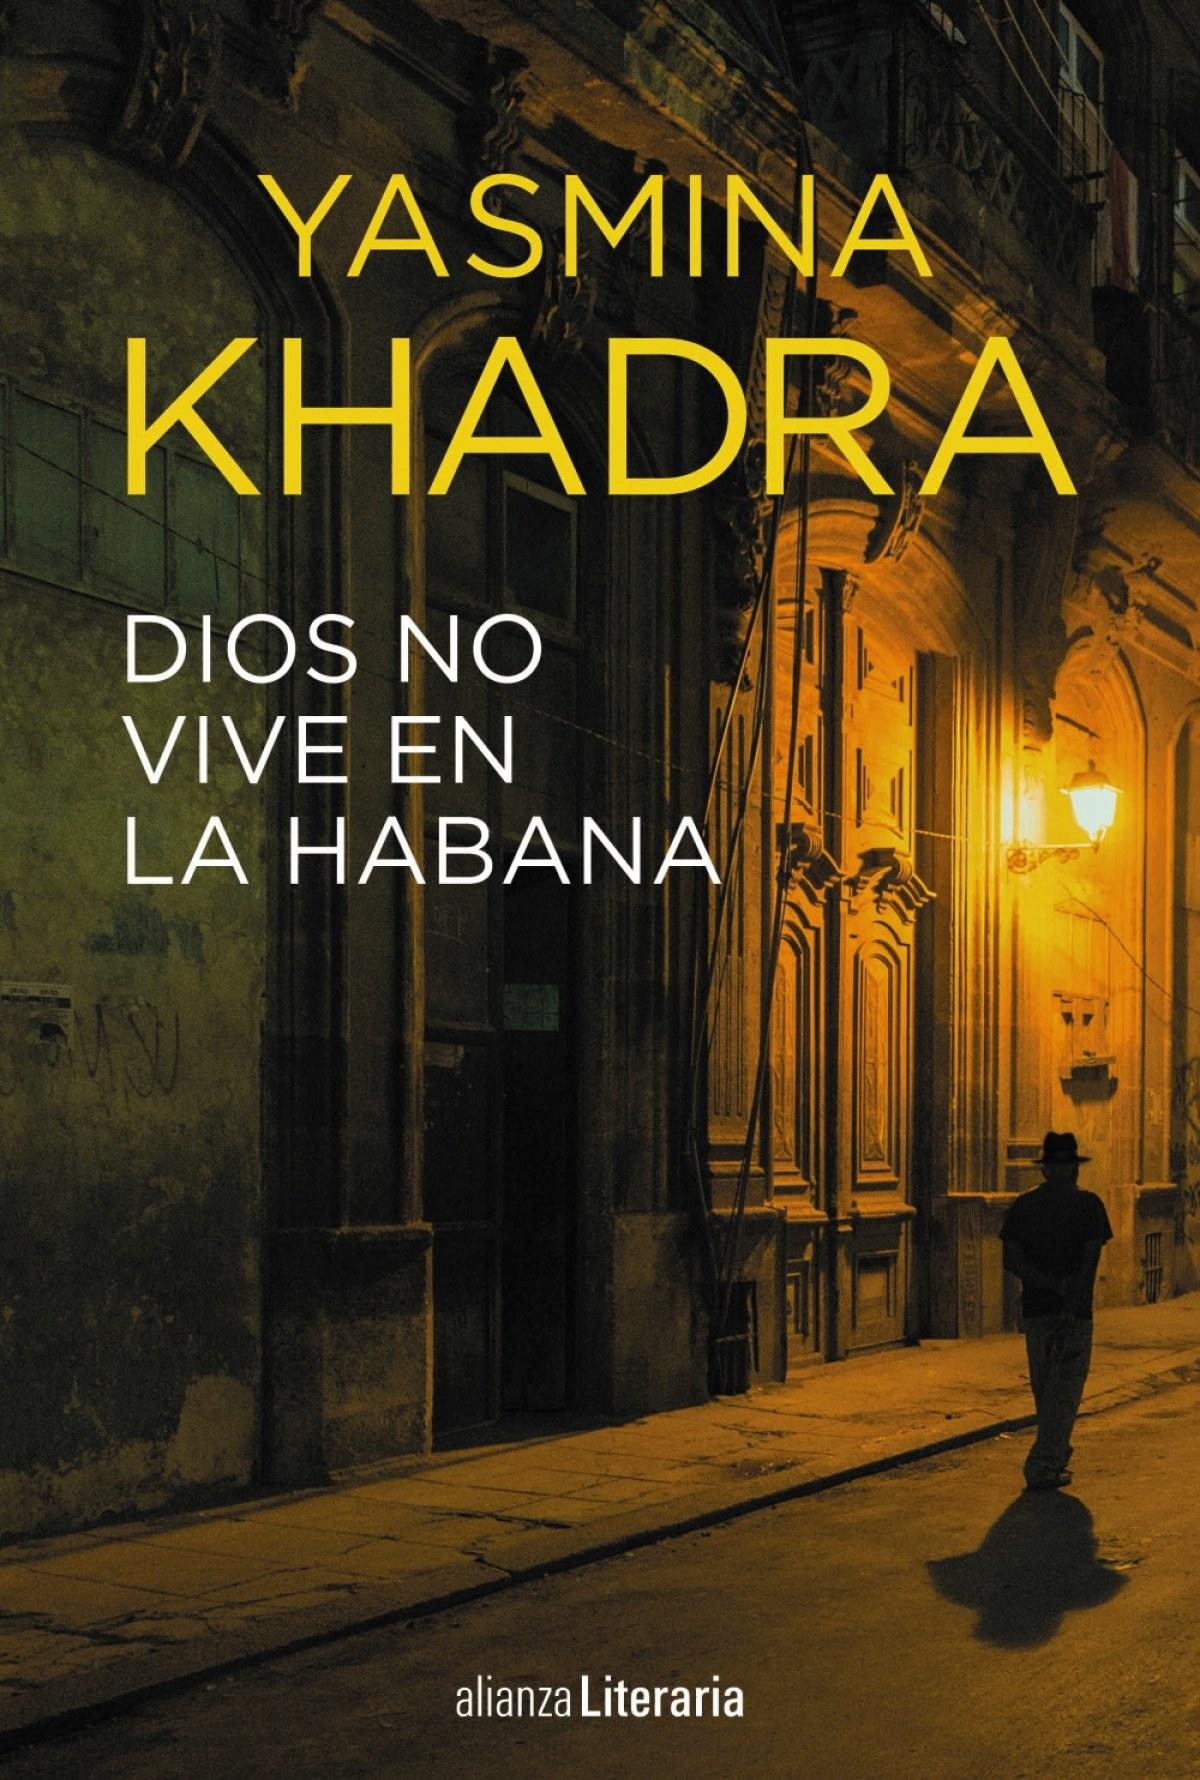 DIOS NO VIVE EN LA HABANA 9788491048718